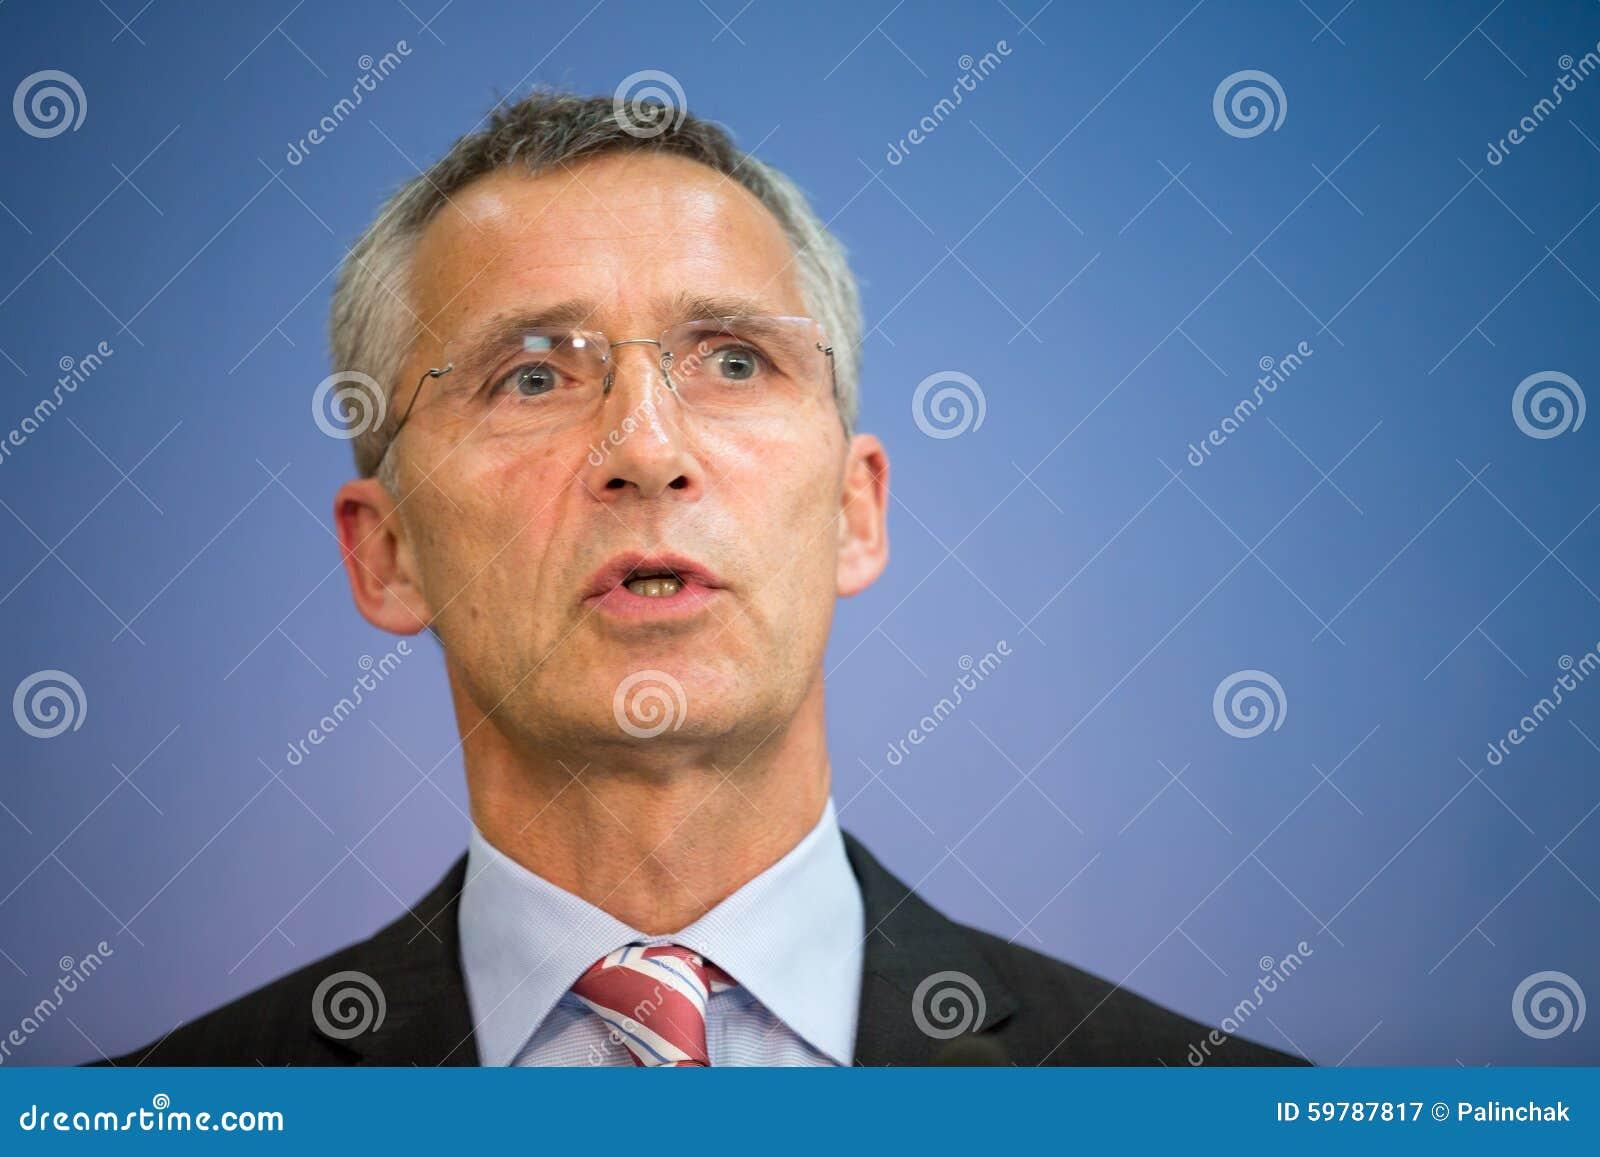 延斯・斯托尔滕贝格北约秘书长